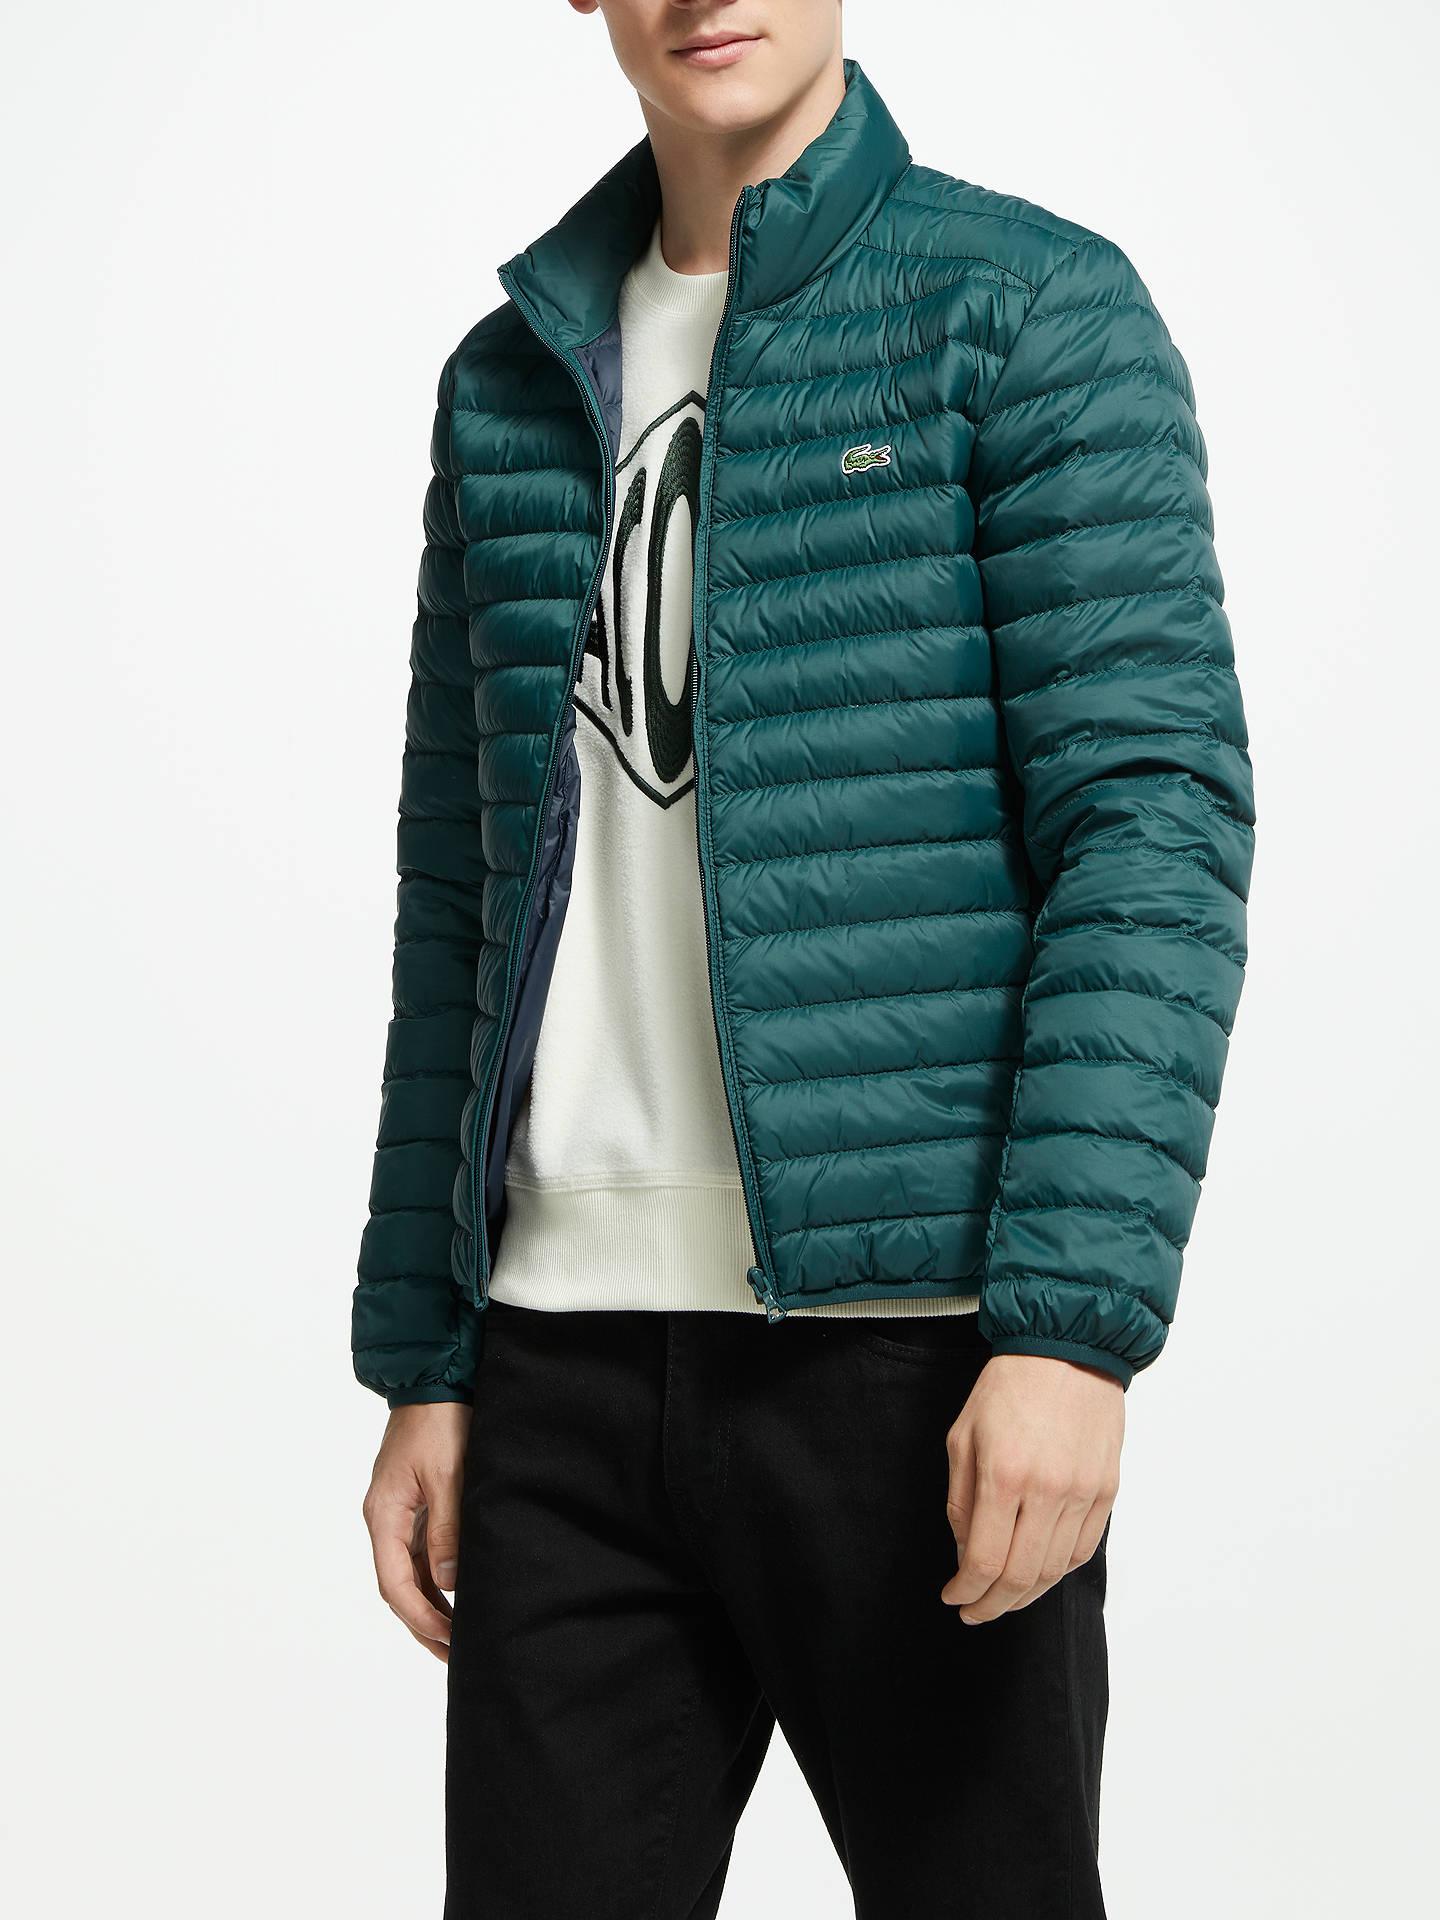 af5afa66f394 Buy Lacoste LIVE Lightweight Puffer Jacket